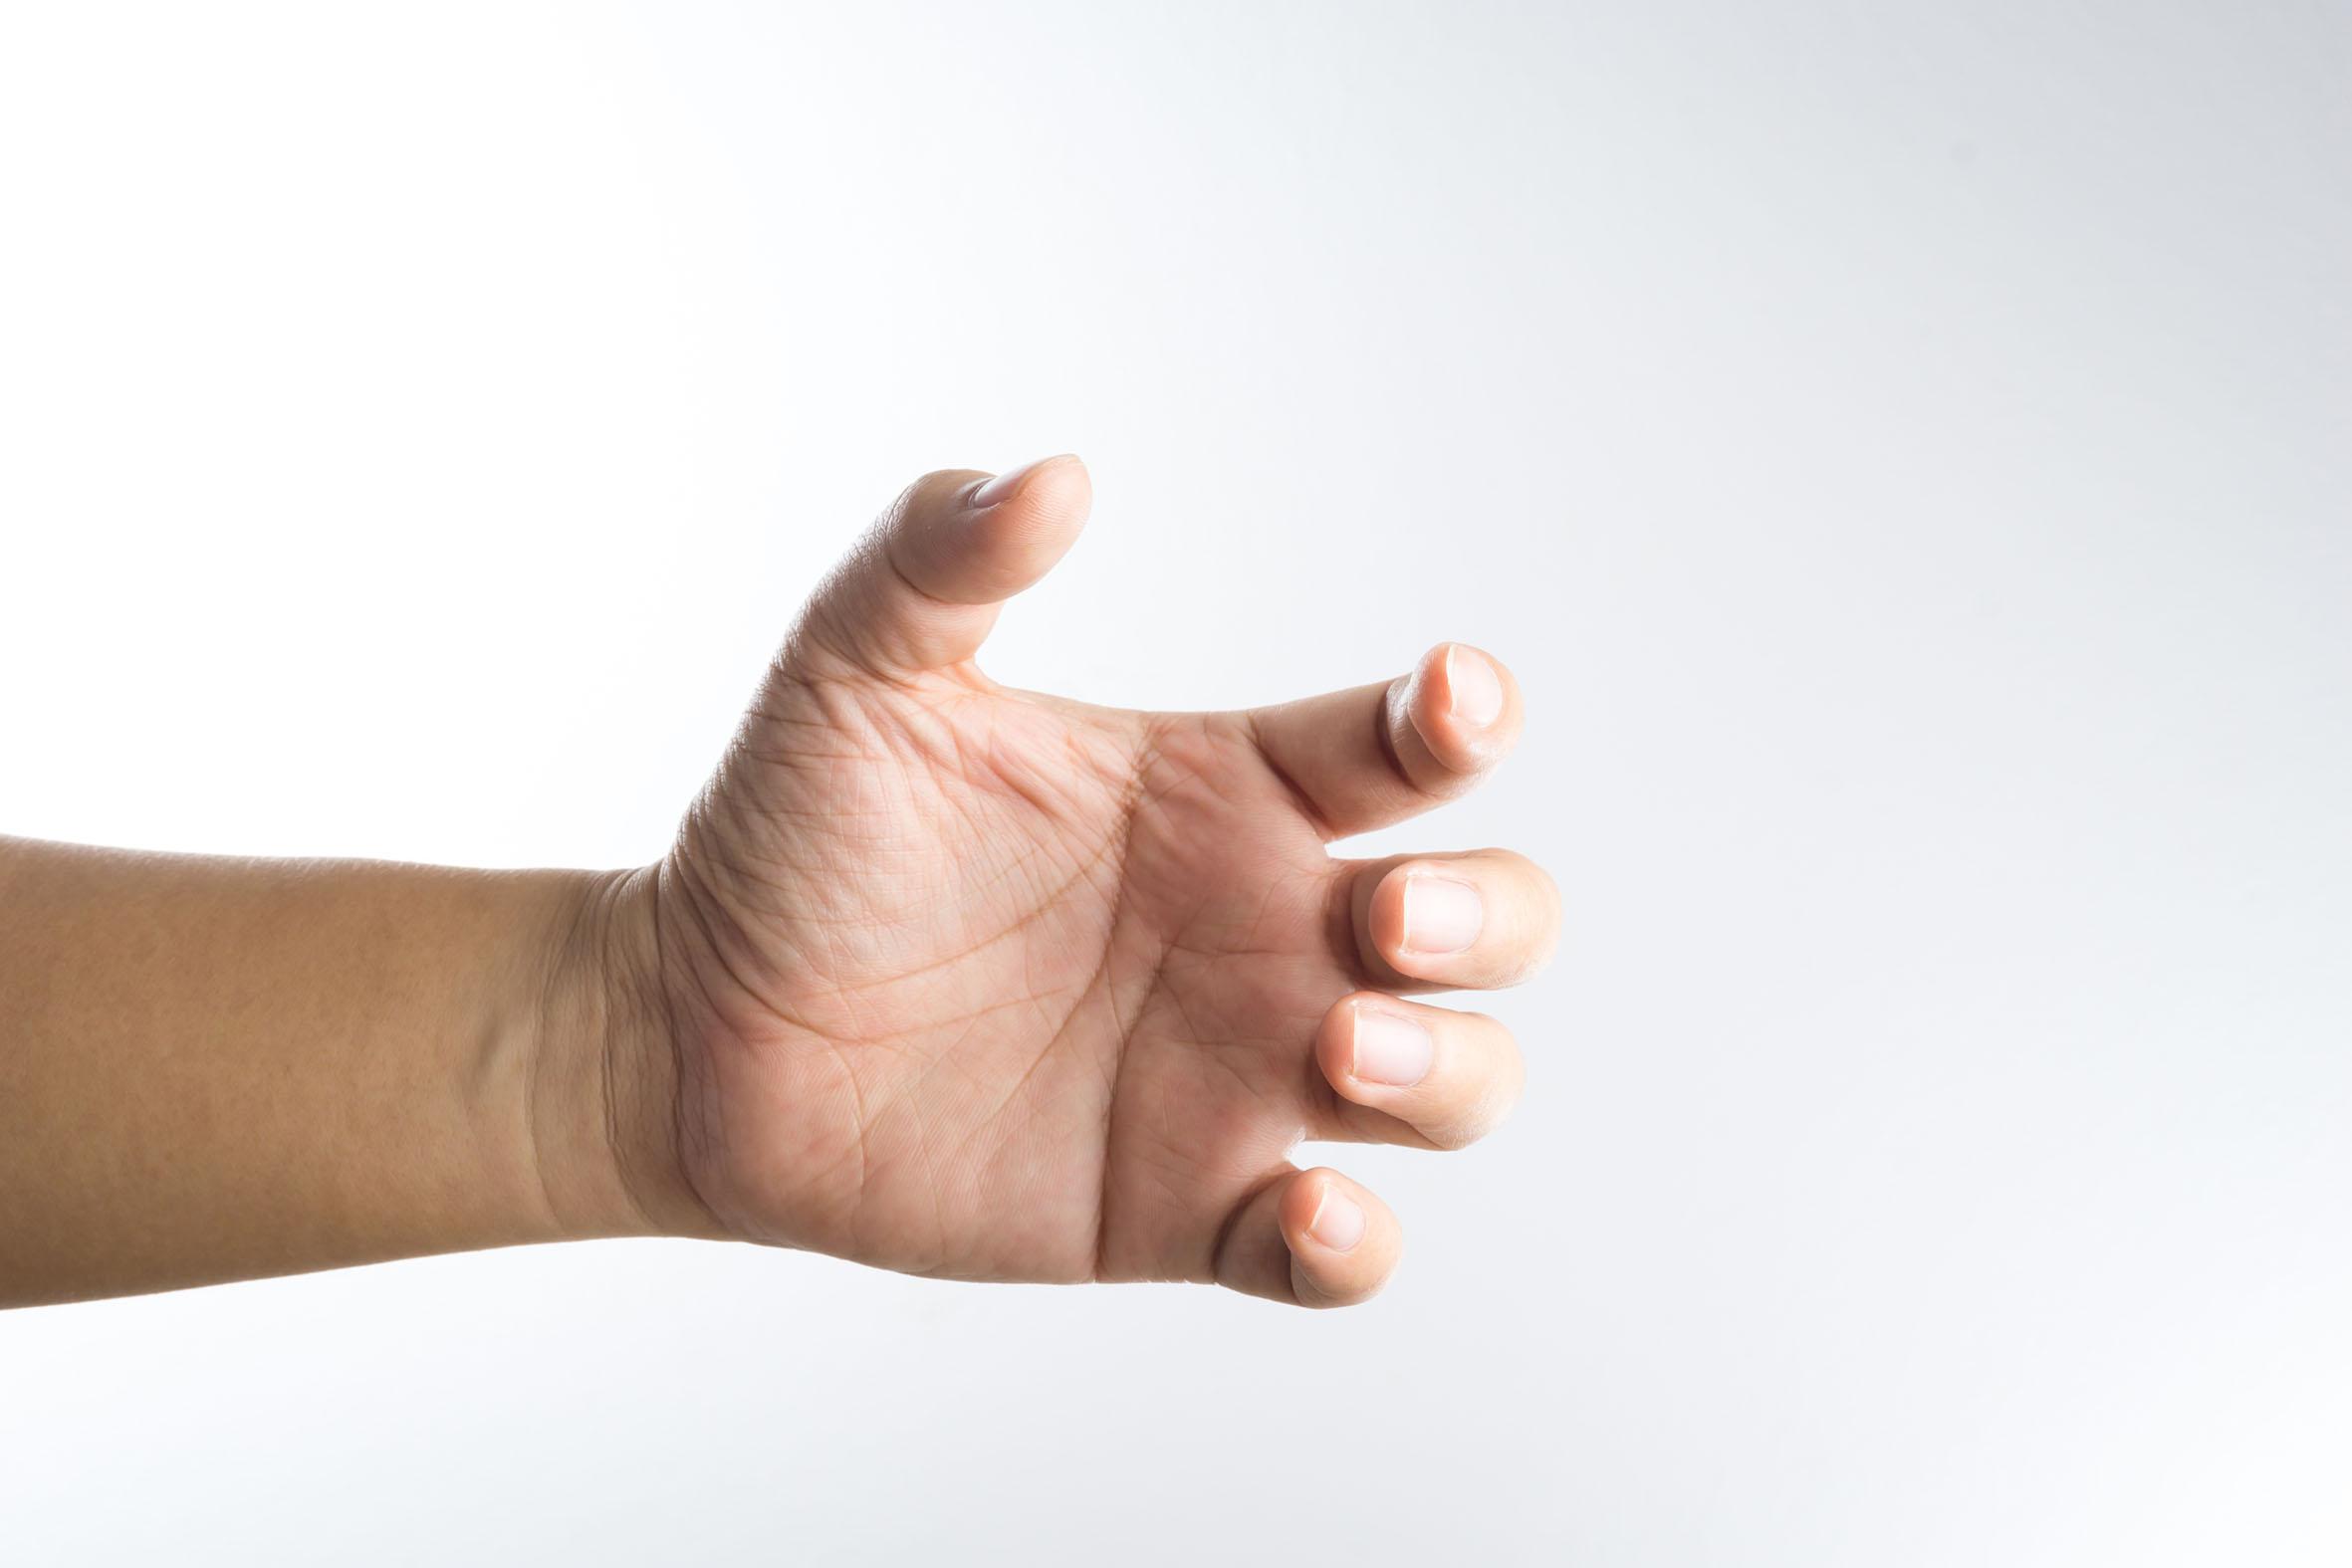 ¿Qué tan malo es crujirse los dedos?